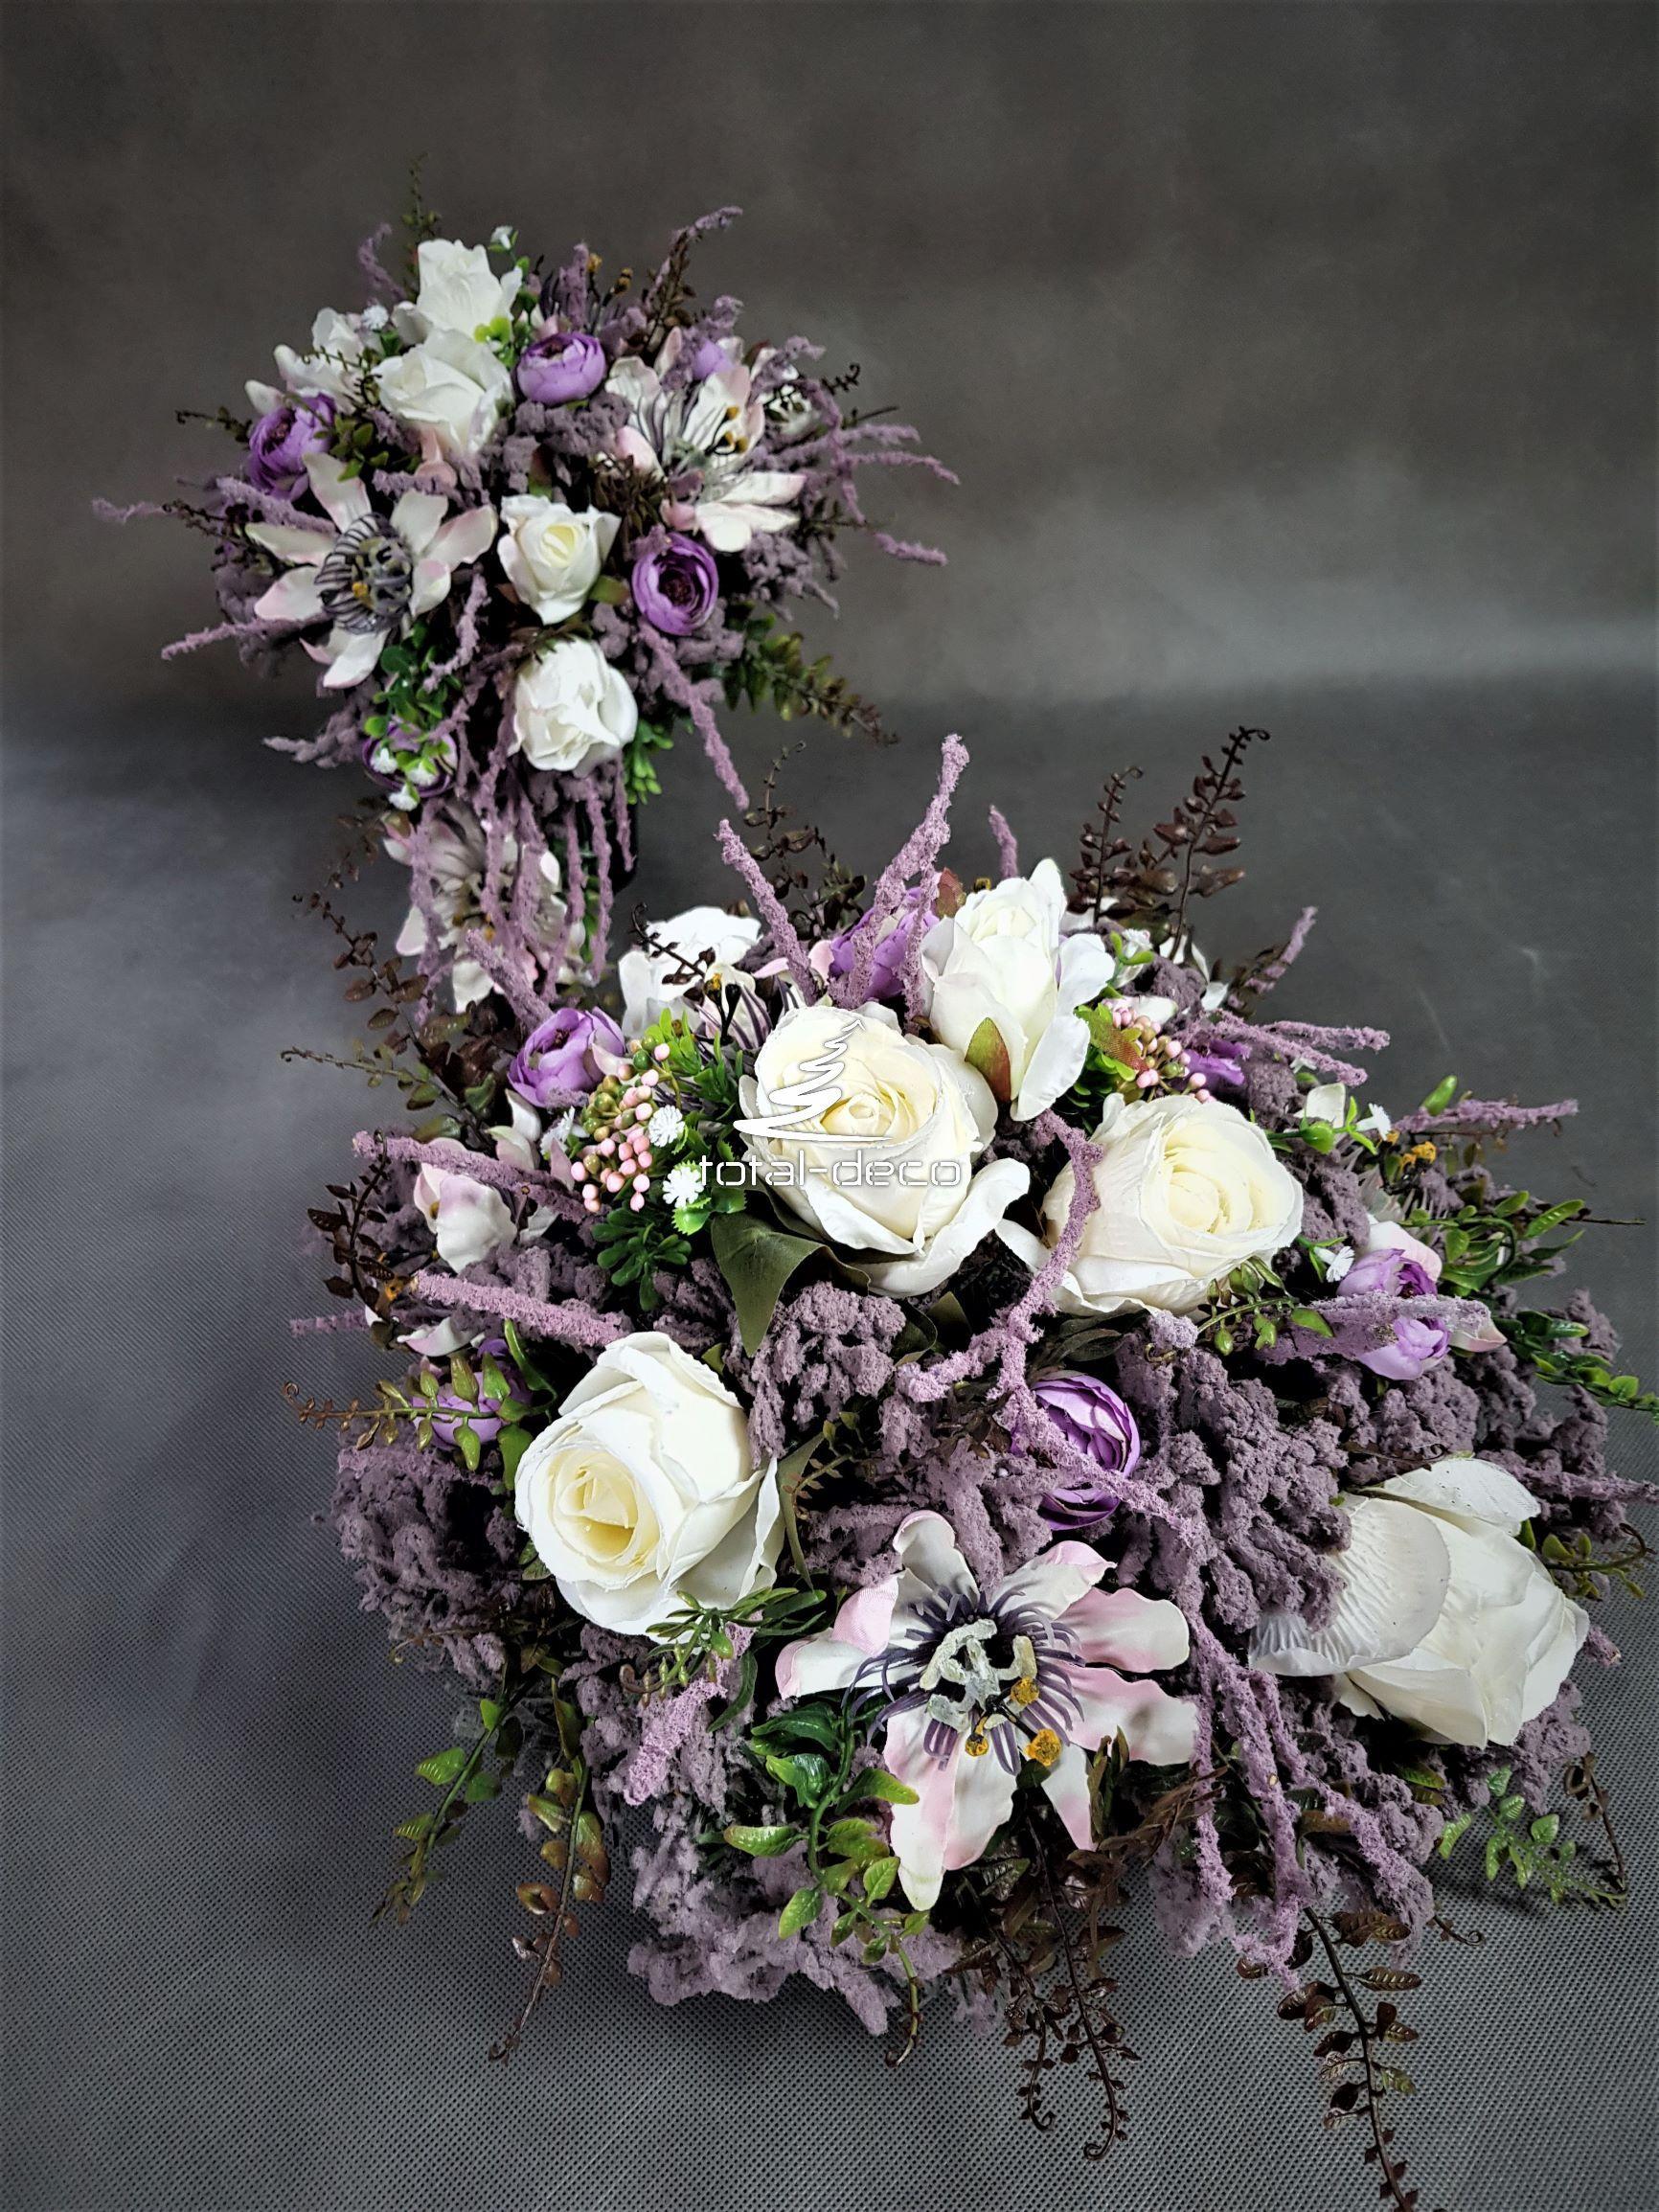 Unikatowe Dekoracje Na Cmentarz Stroik I Bukiet Na Wszystkich Swietych Grave Decorations Floral Wreath Wreaths